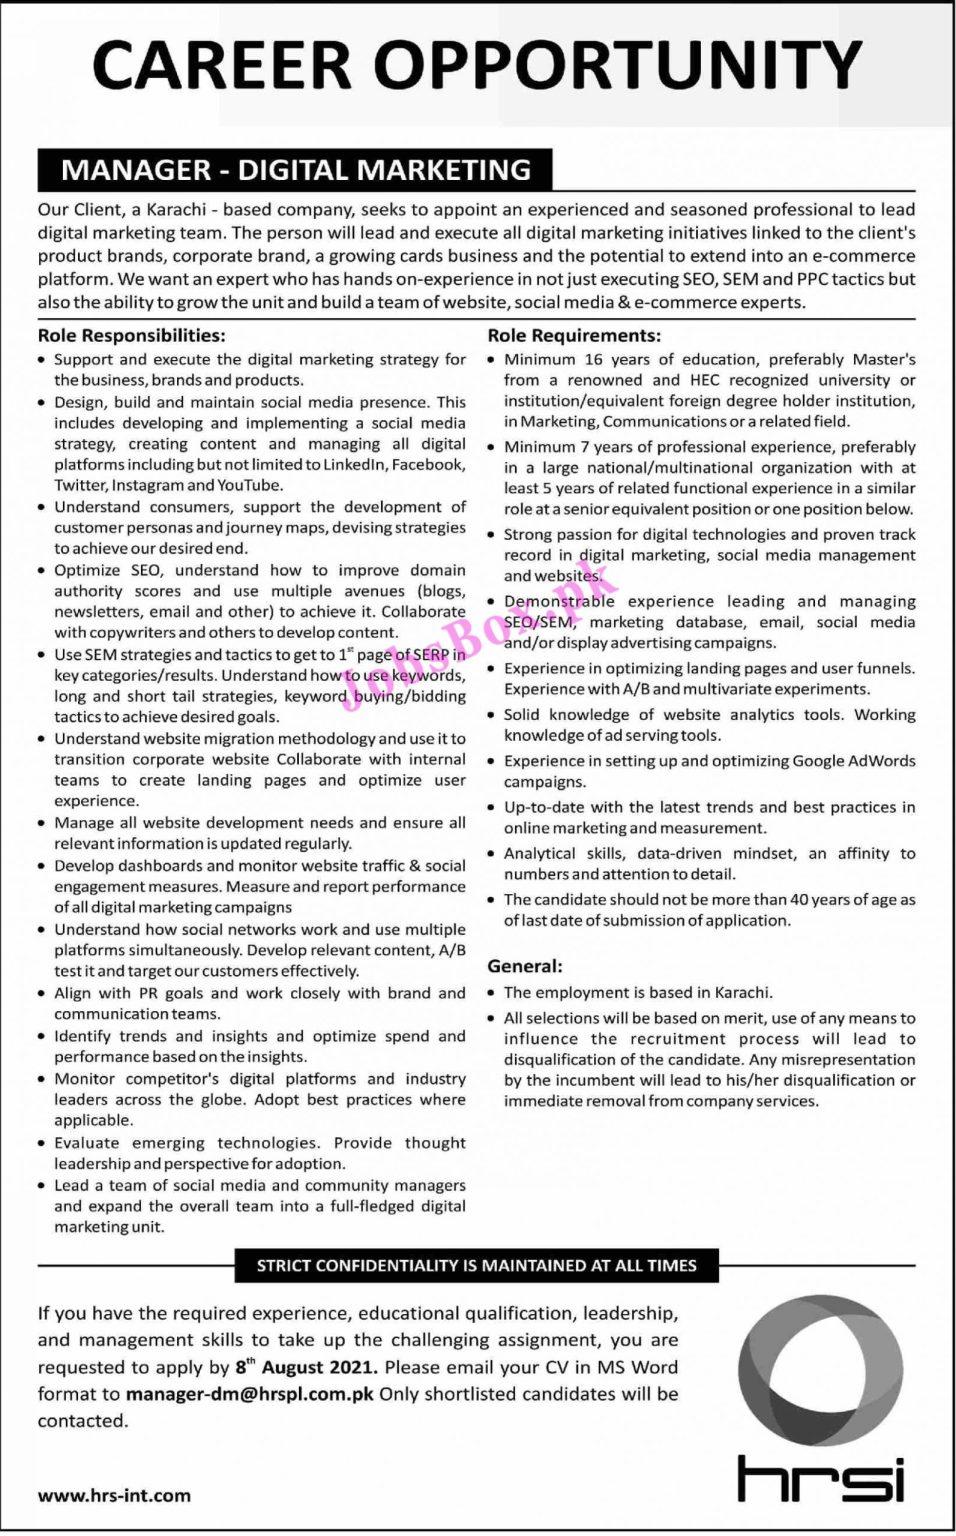 www.hrs-int.com Jobs 2021 - Human Resource Service Provider HRSPL Jobs 2021 in Pakistan